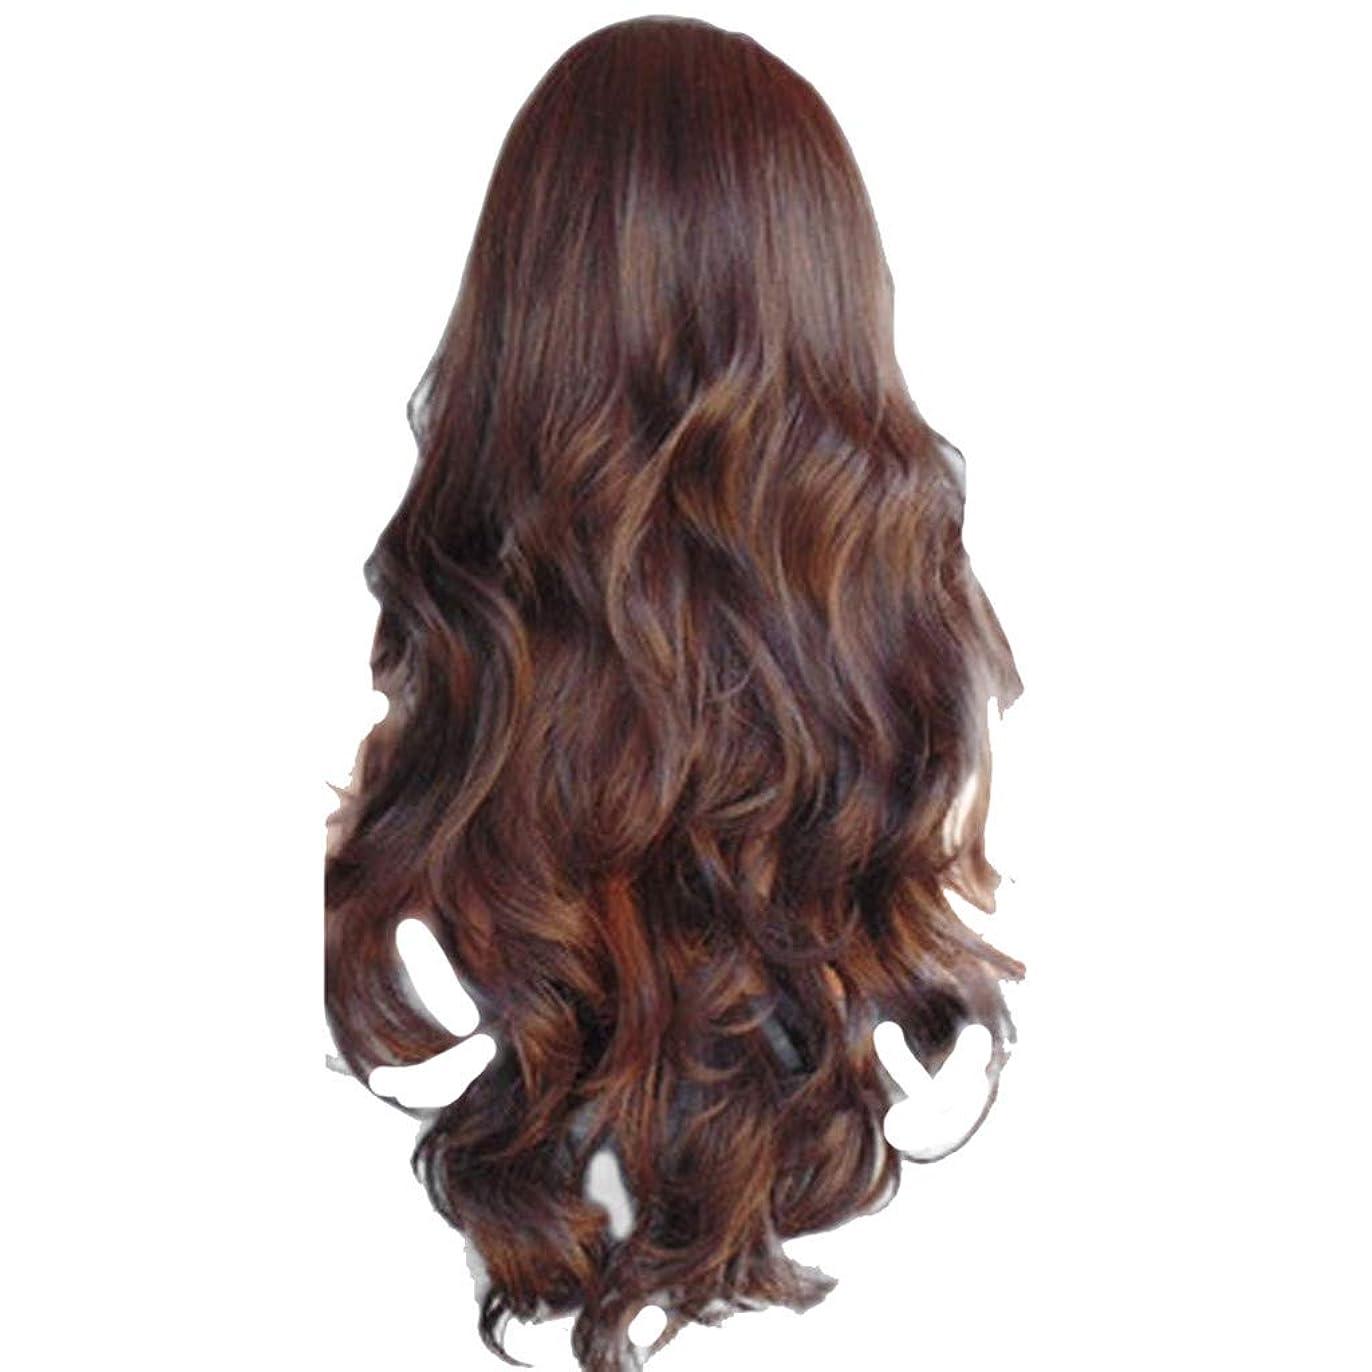 フォームエゴイズムどのくらいの頻度で女性の長いウェーブのかかった巻き毛のファッションセクシーなかつらはヘアネットをバラ